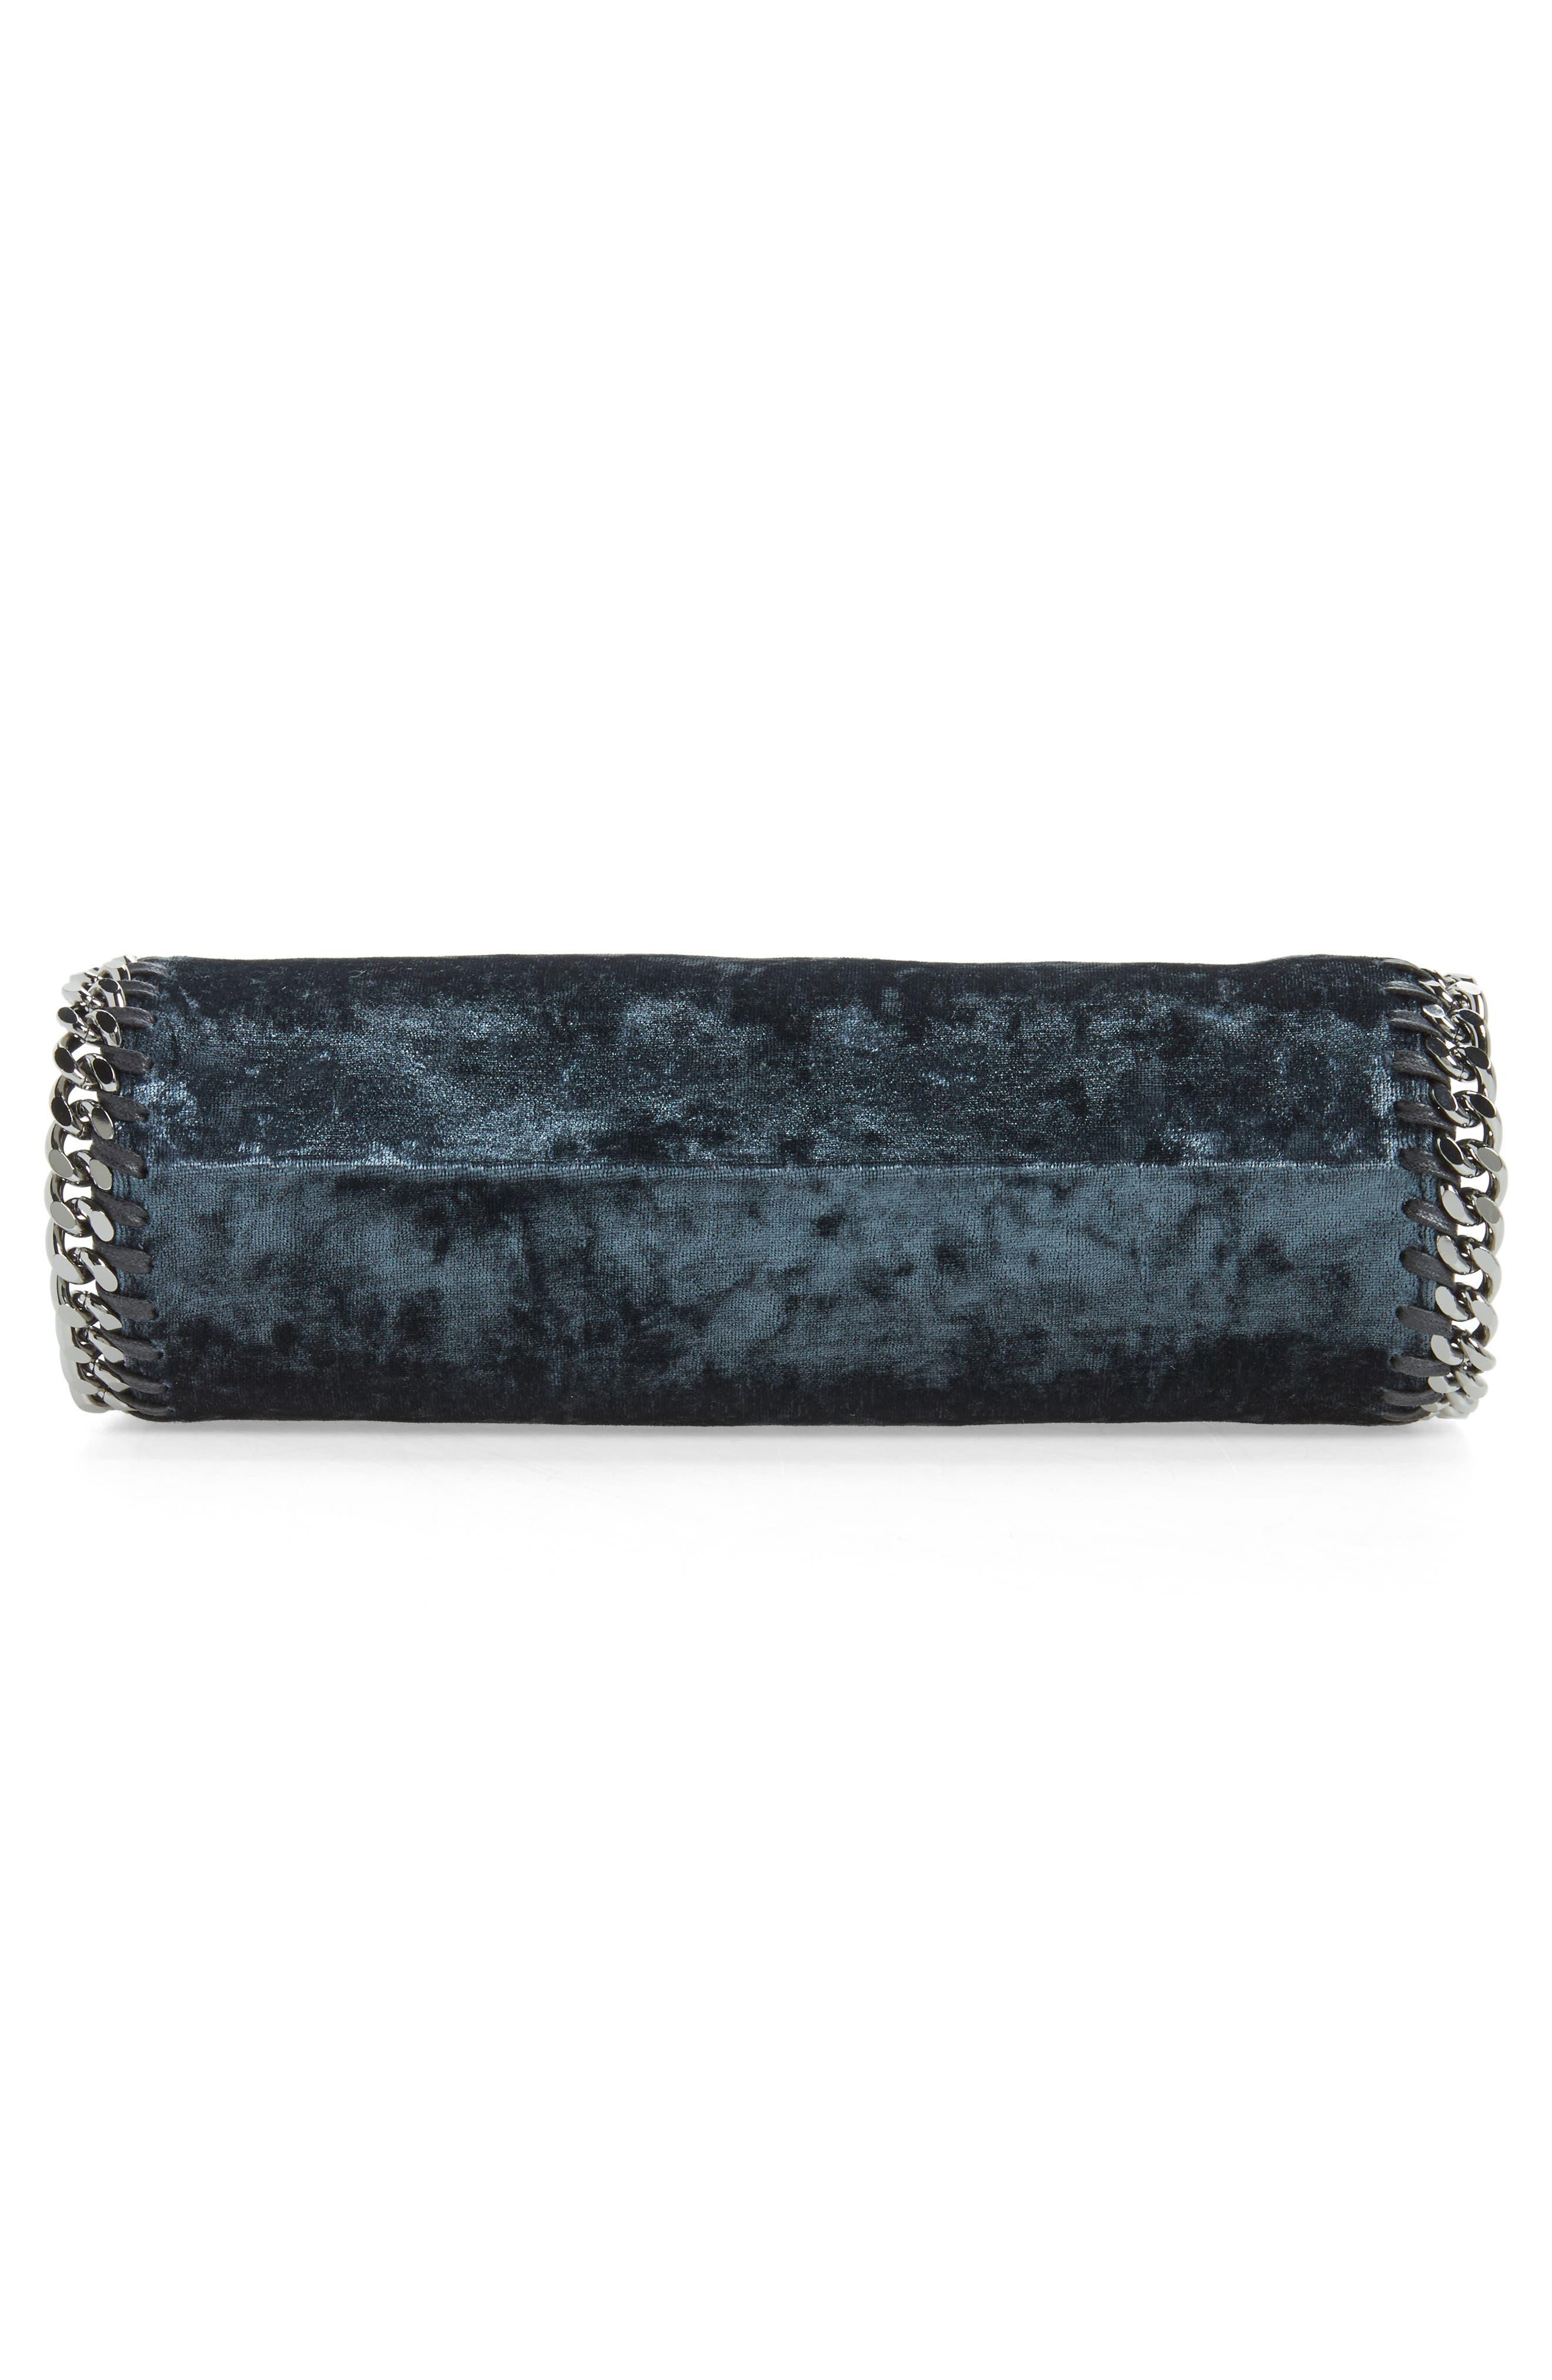 Mini Falabella Crushed Velvet Bag,                             Alternate thumbnail 4, color,                             Charcoal